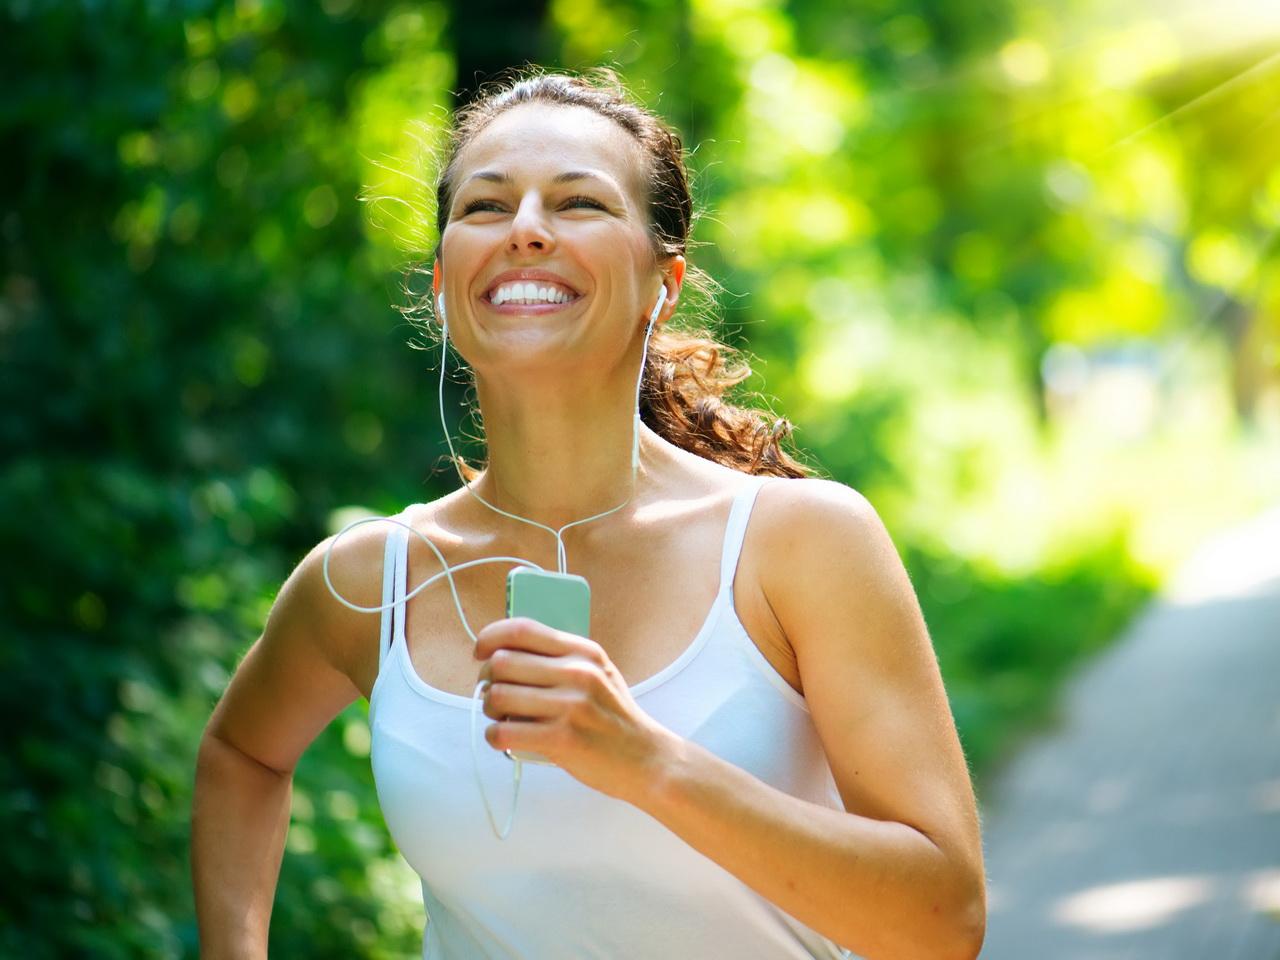 здоровый образ жизни репродуктивное здоровье